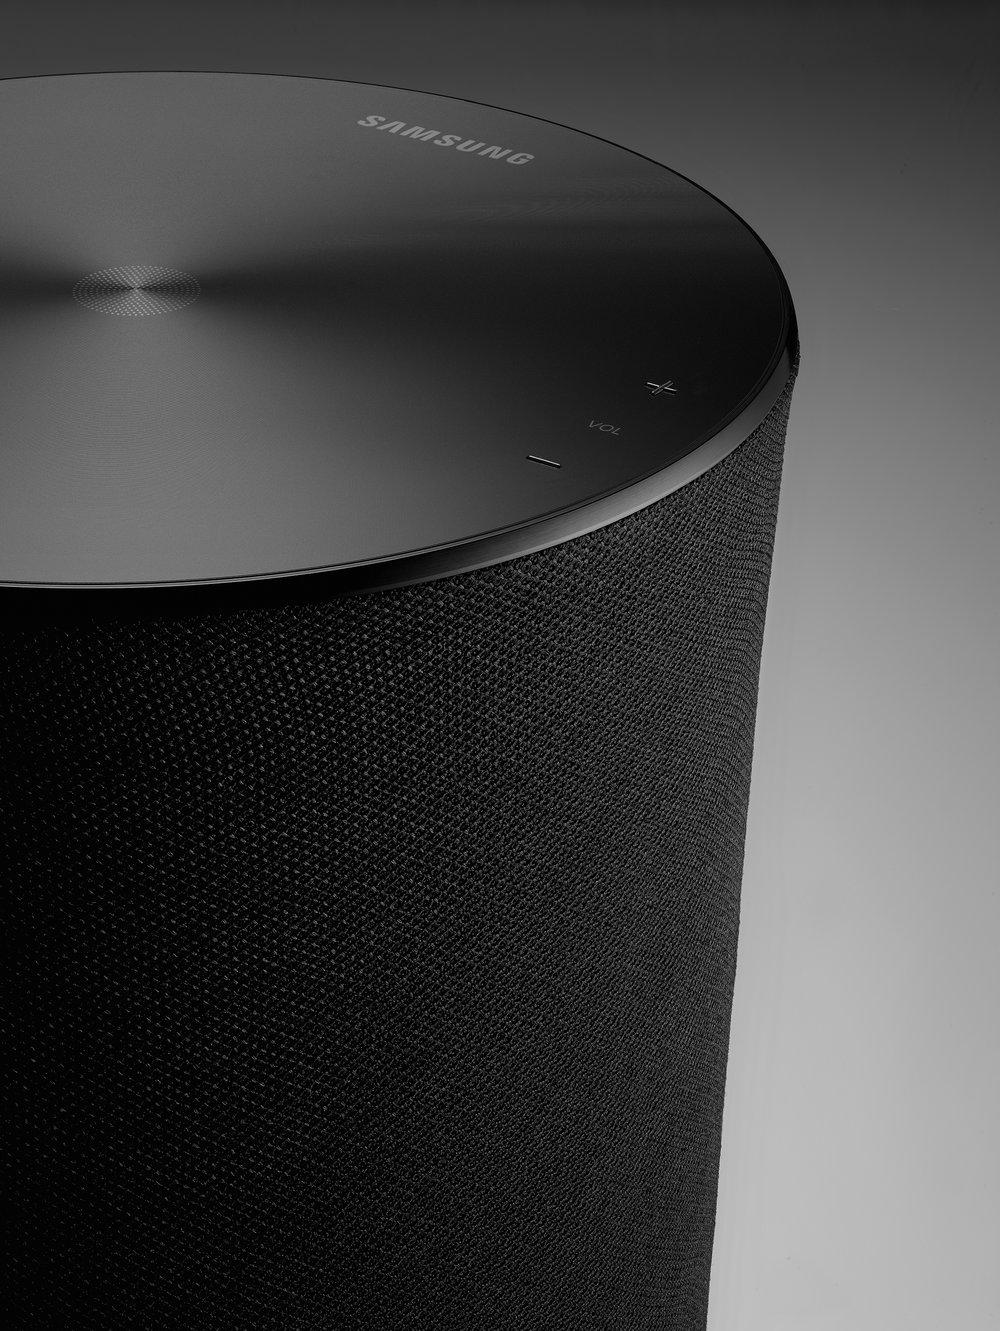 161018_Samsung_Speaker_Bracket_RT.jpg